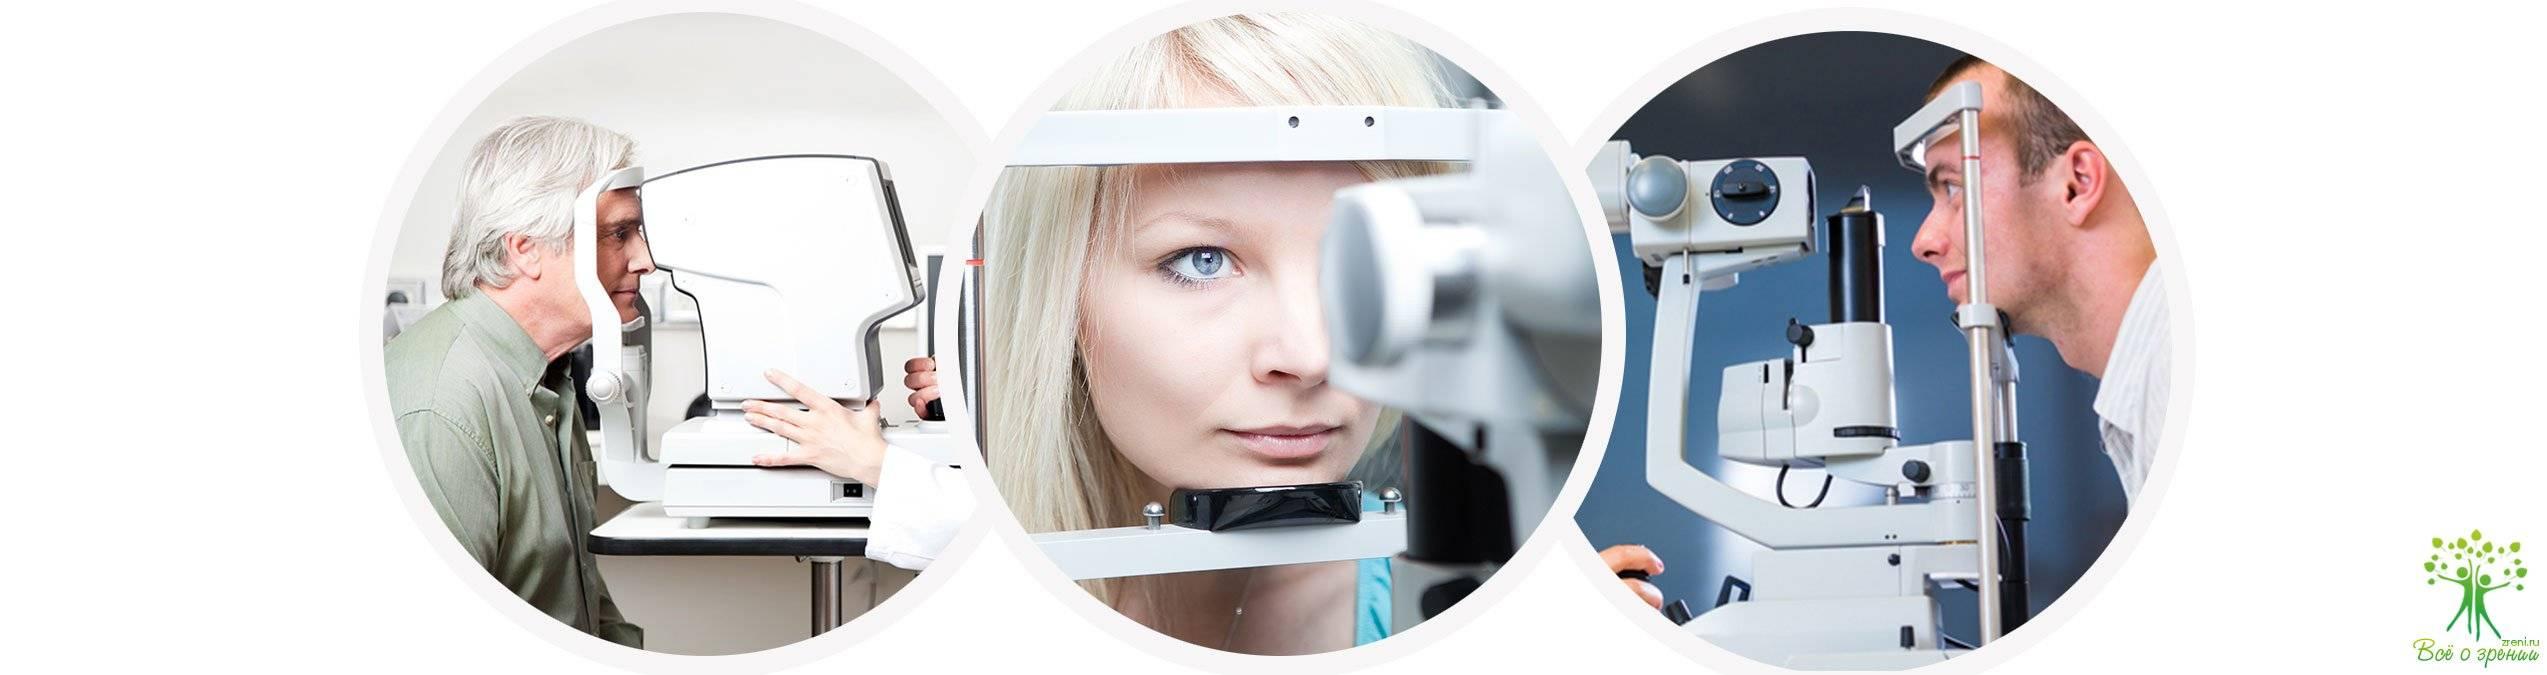 Осмотр глазного дна (офтальмоскопия): виды, цена, что показывает